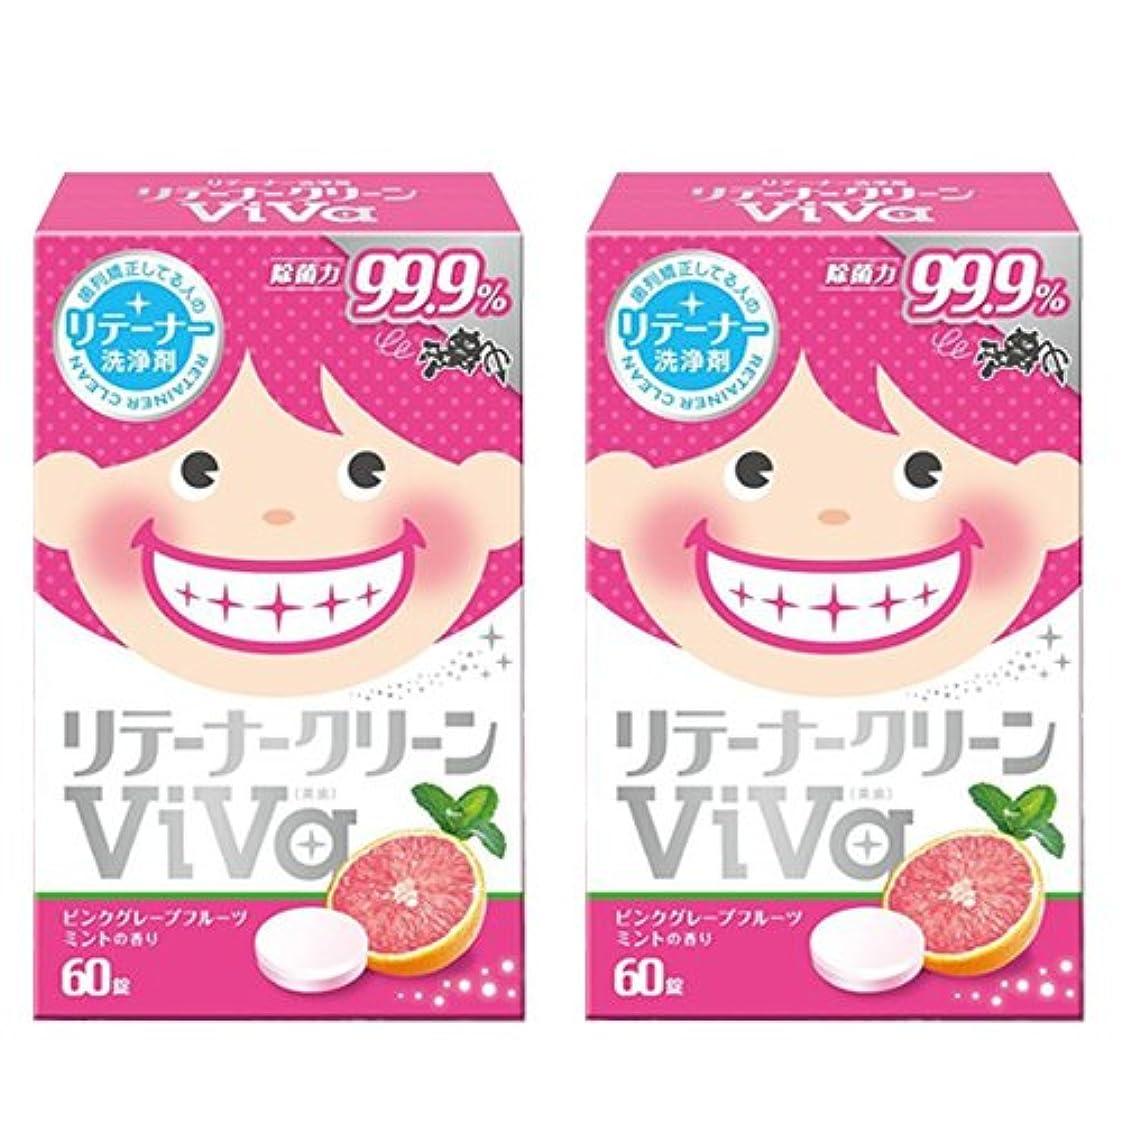 ピット抑制謝罪リテーナークリーン ViVa 60錠 歯列矯正している人のリテーナー洗浄剤 (2箱)